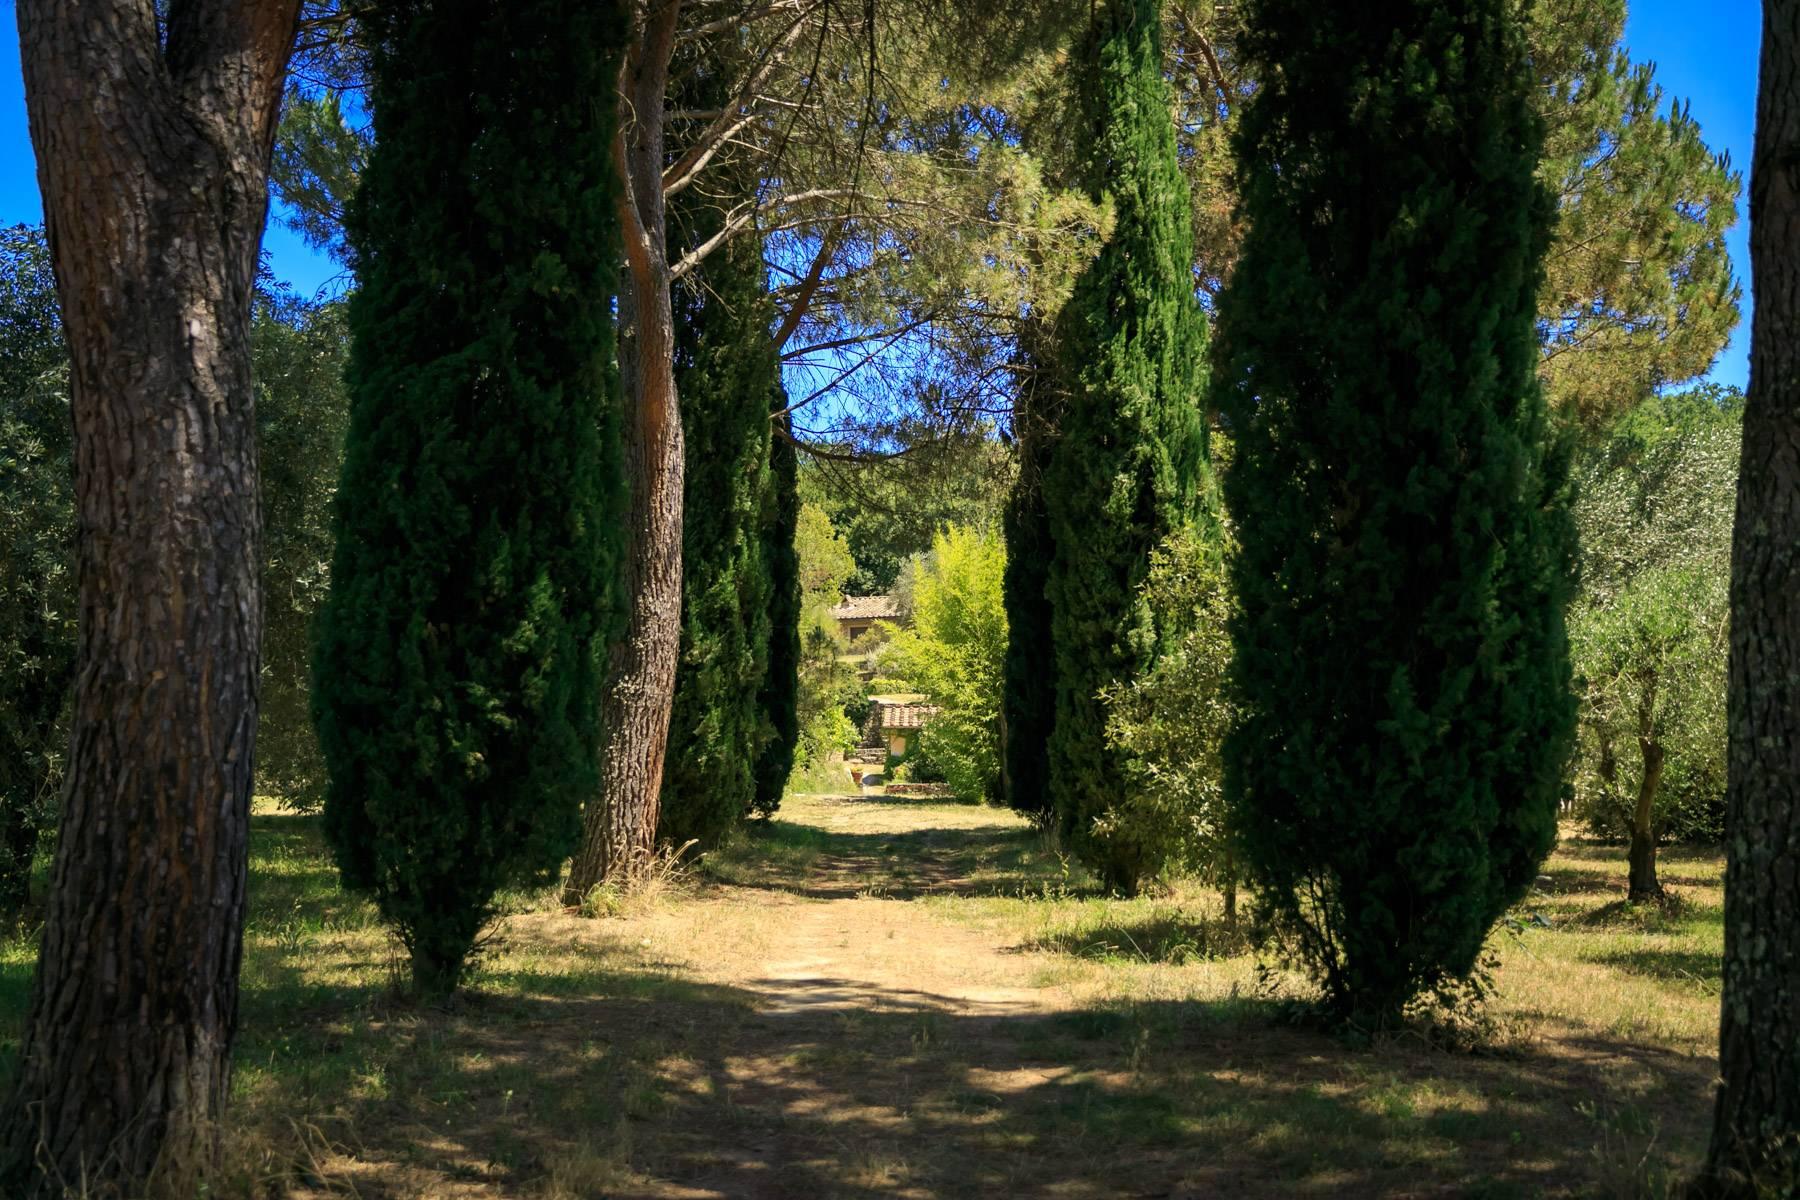 Rustico in Vendita a Terranuova Bracciolini: 5 locali, 875 mq - Foto 26